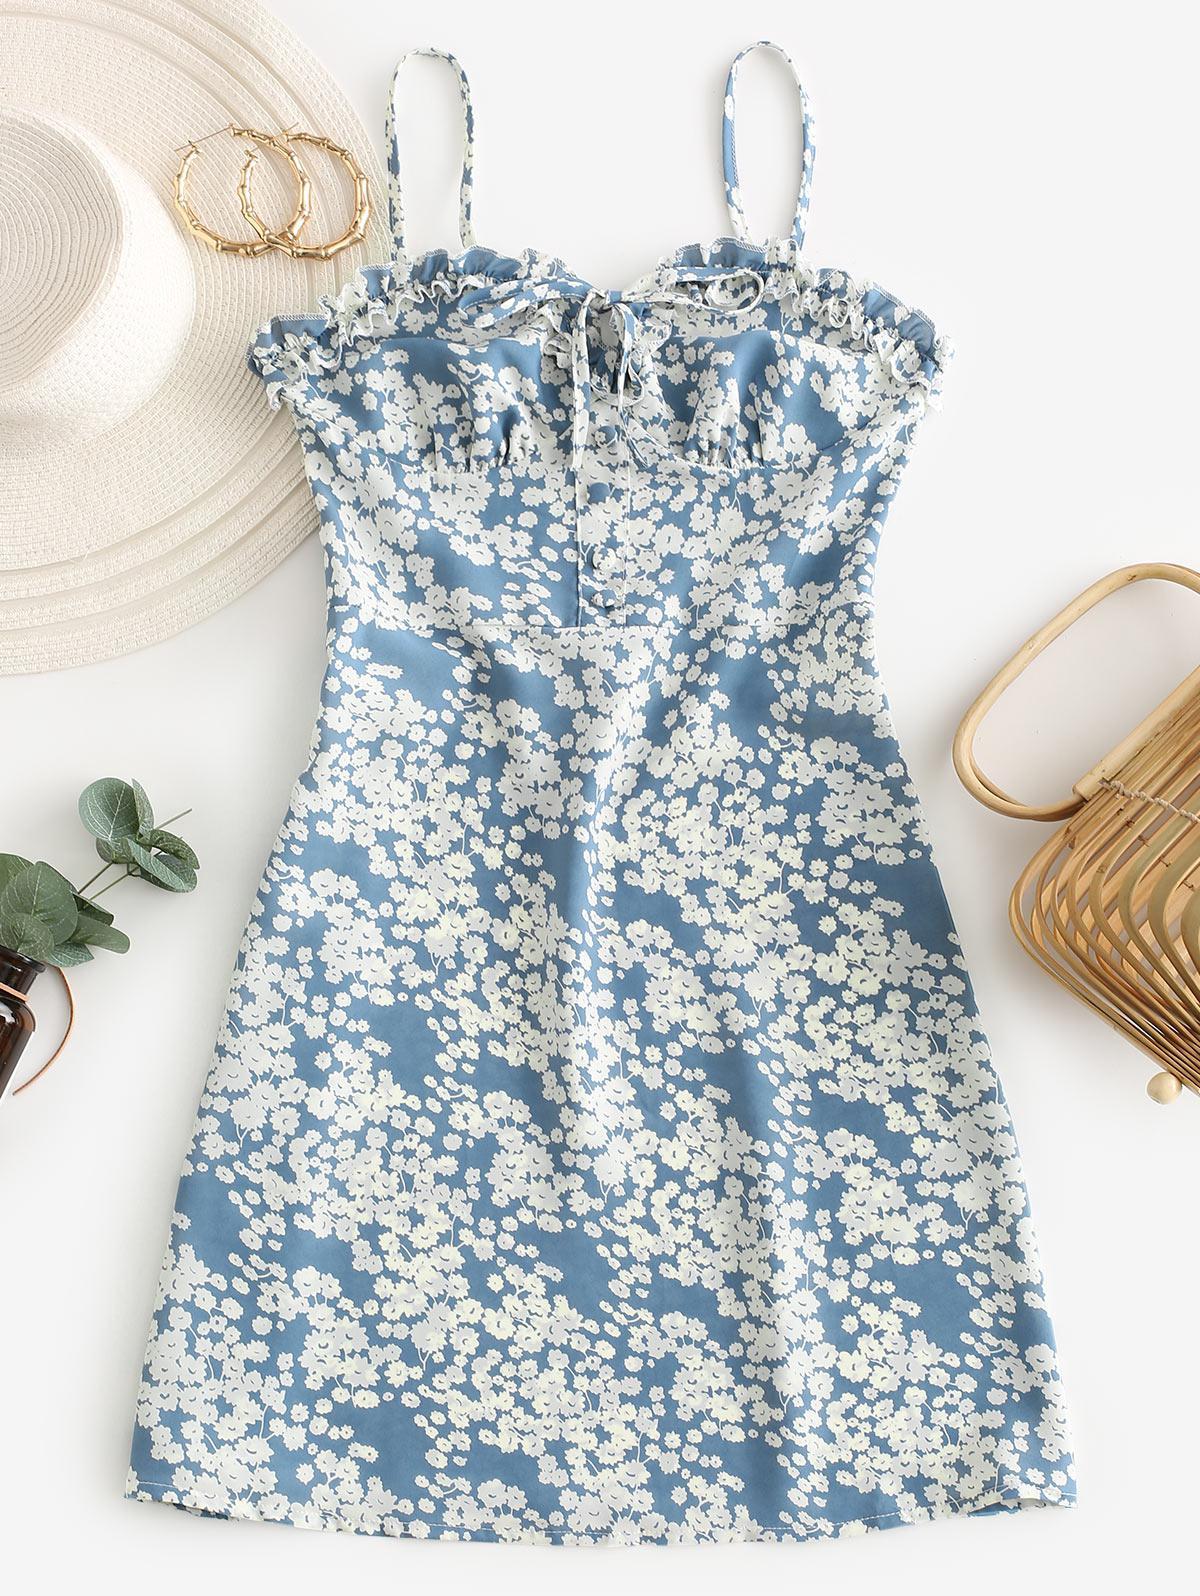 Ditsy Floral Smocked Frilled Cami Summer Dress